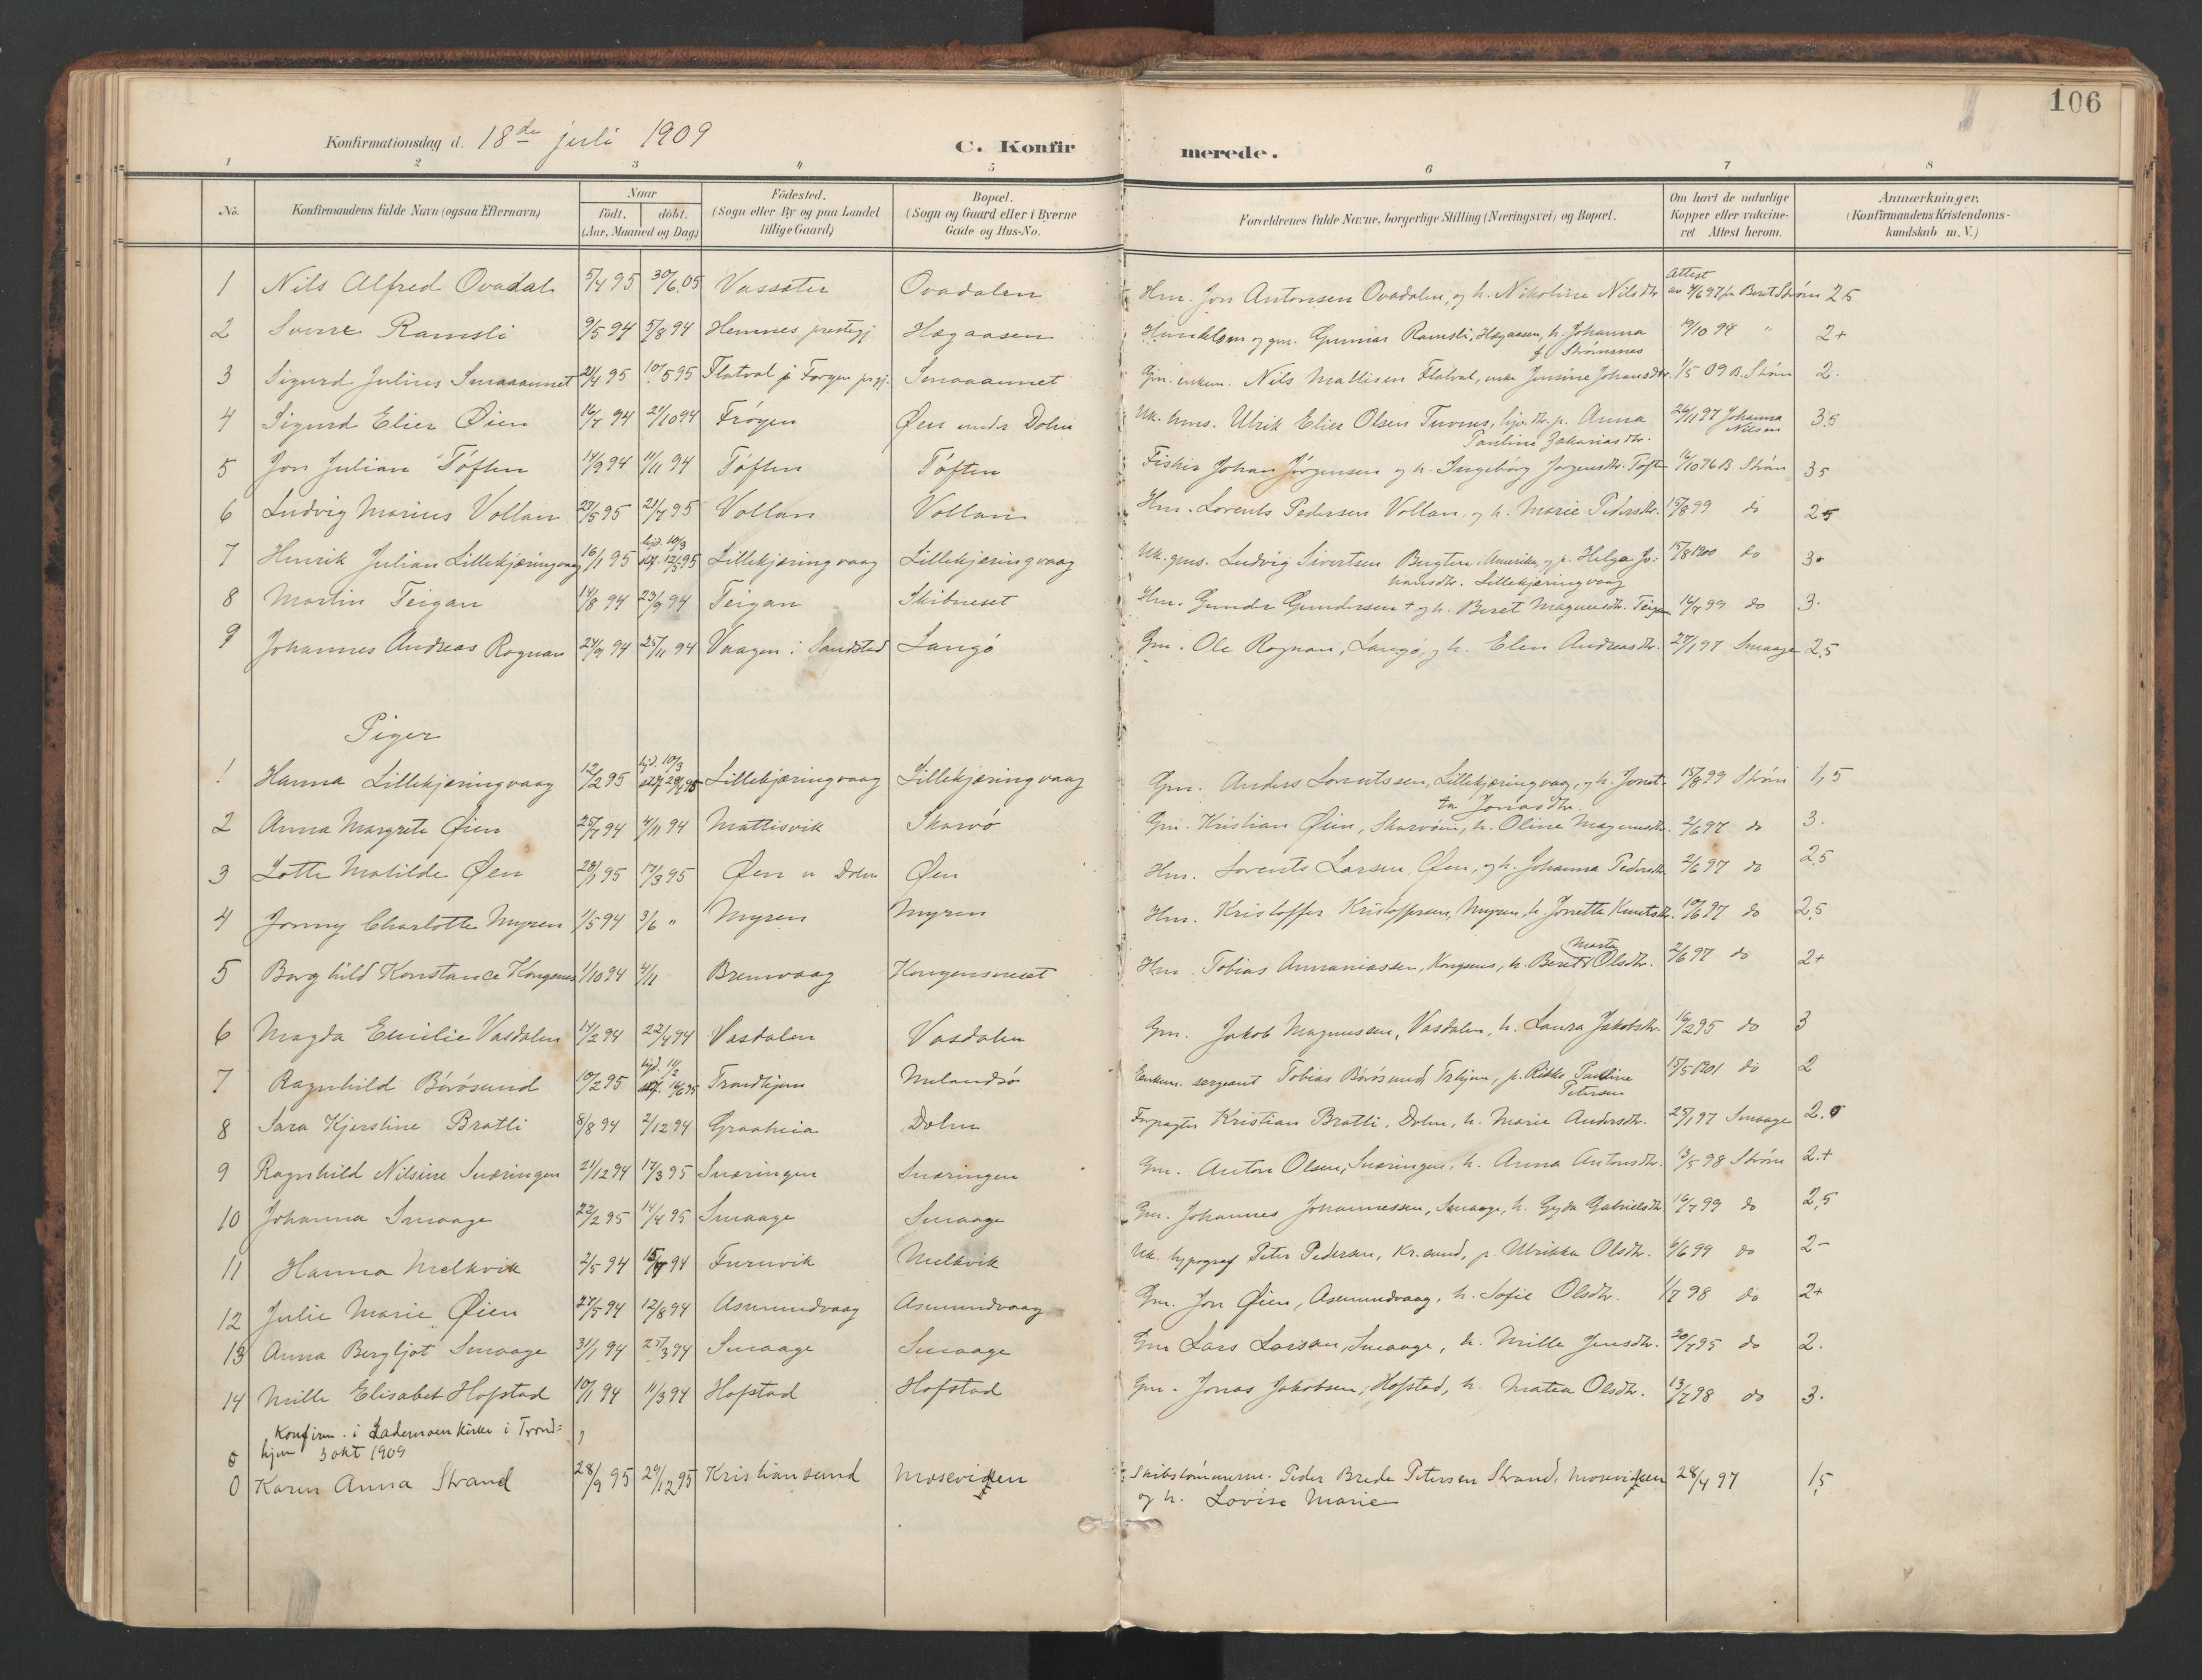 SAT, Ministerialprotokoller, klokkerbøker og fødselsregistre - Sør-Trøndelag, 634/L0537: Ministerialbok nr. 634A13, 1896-1922, s. 106